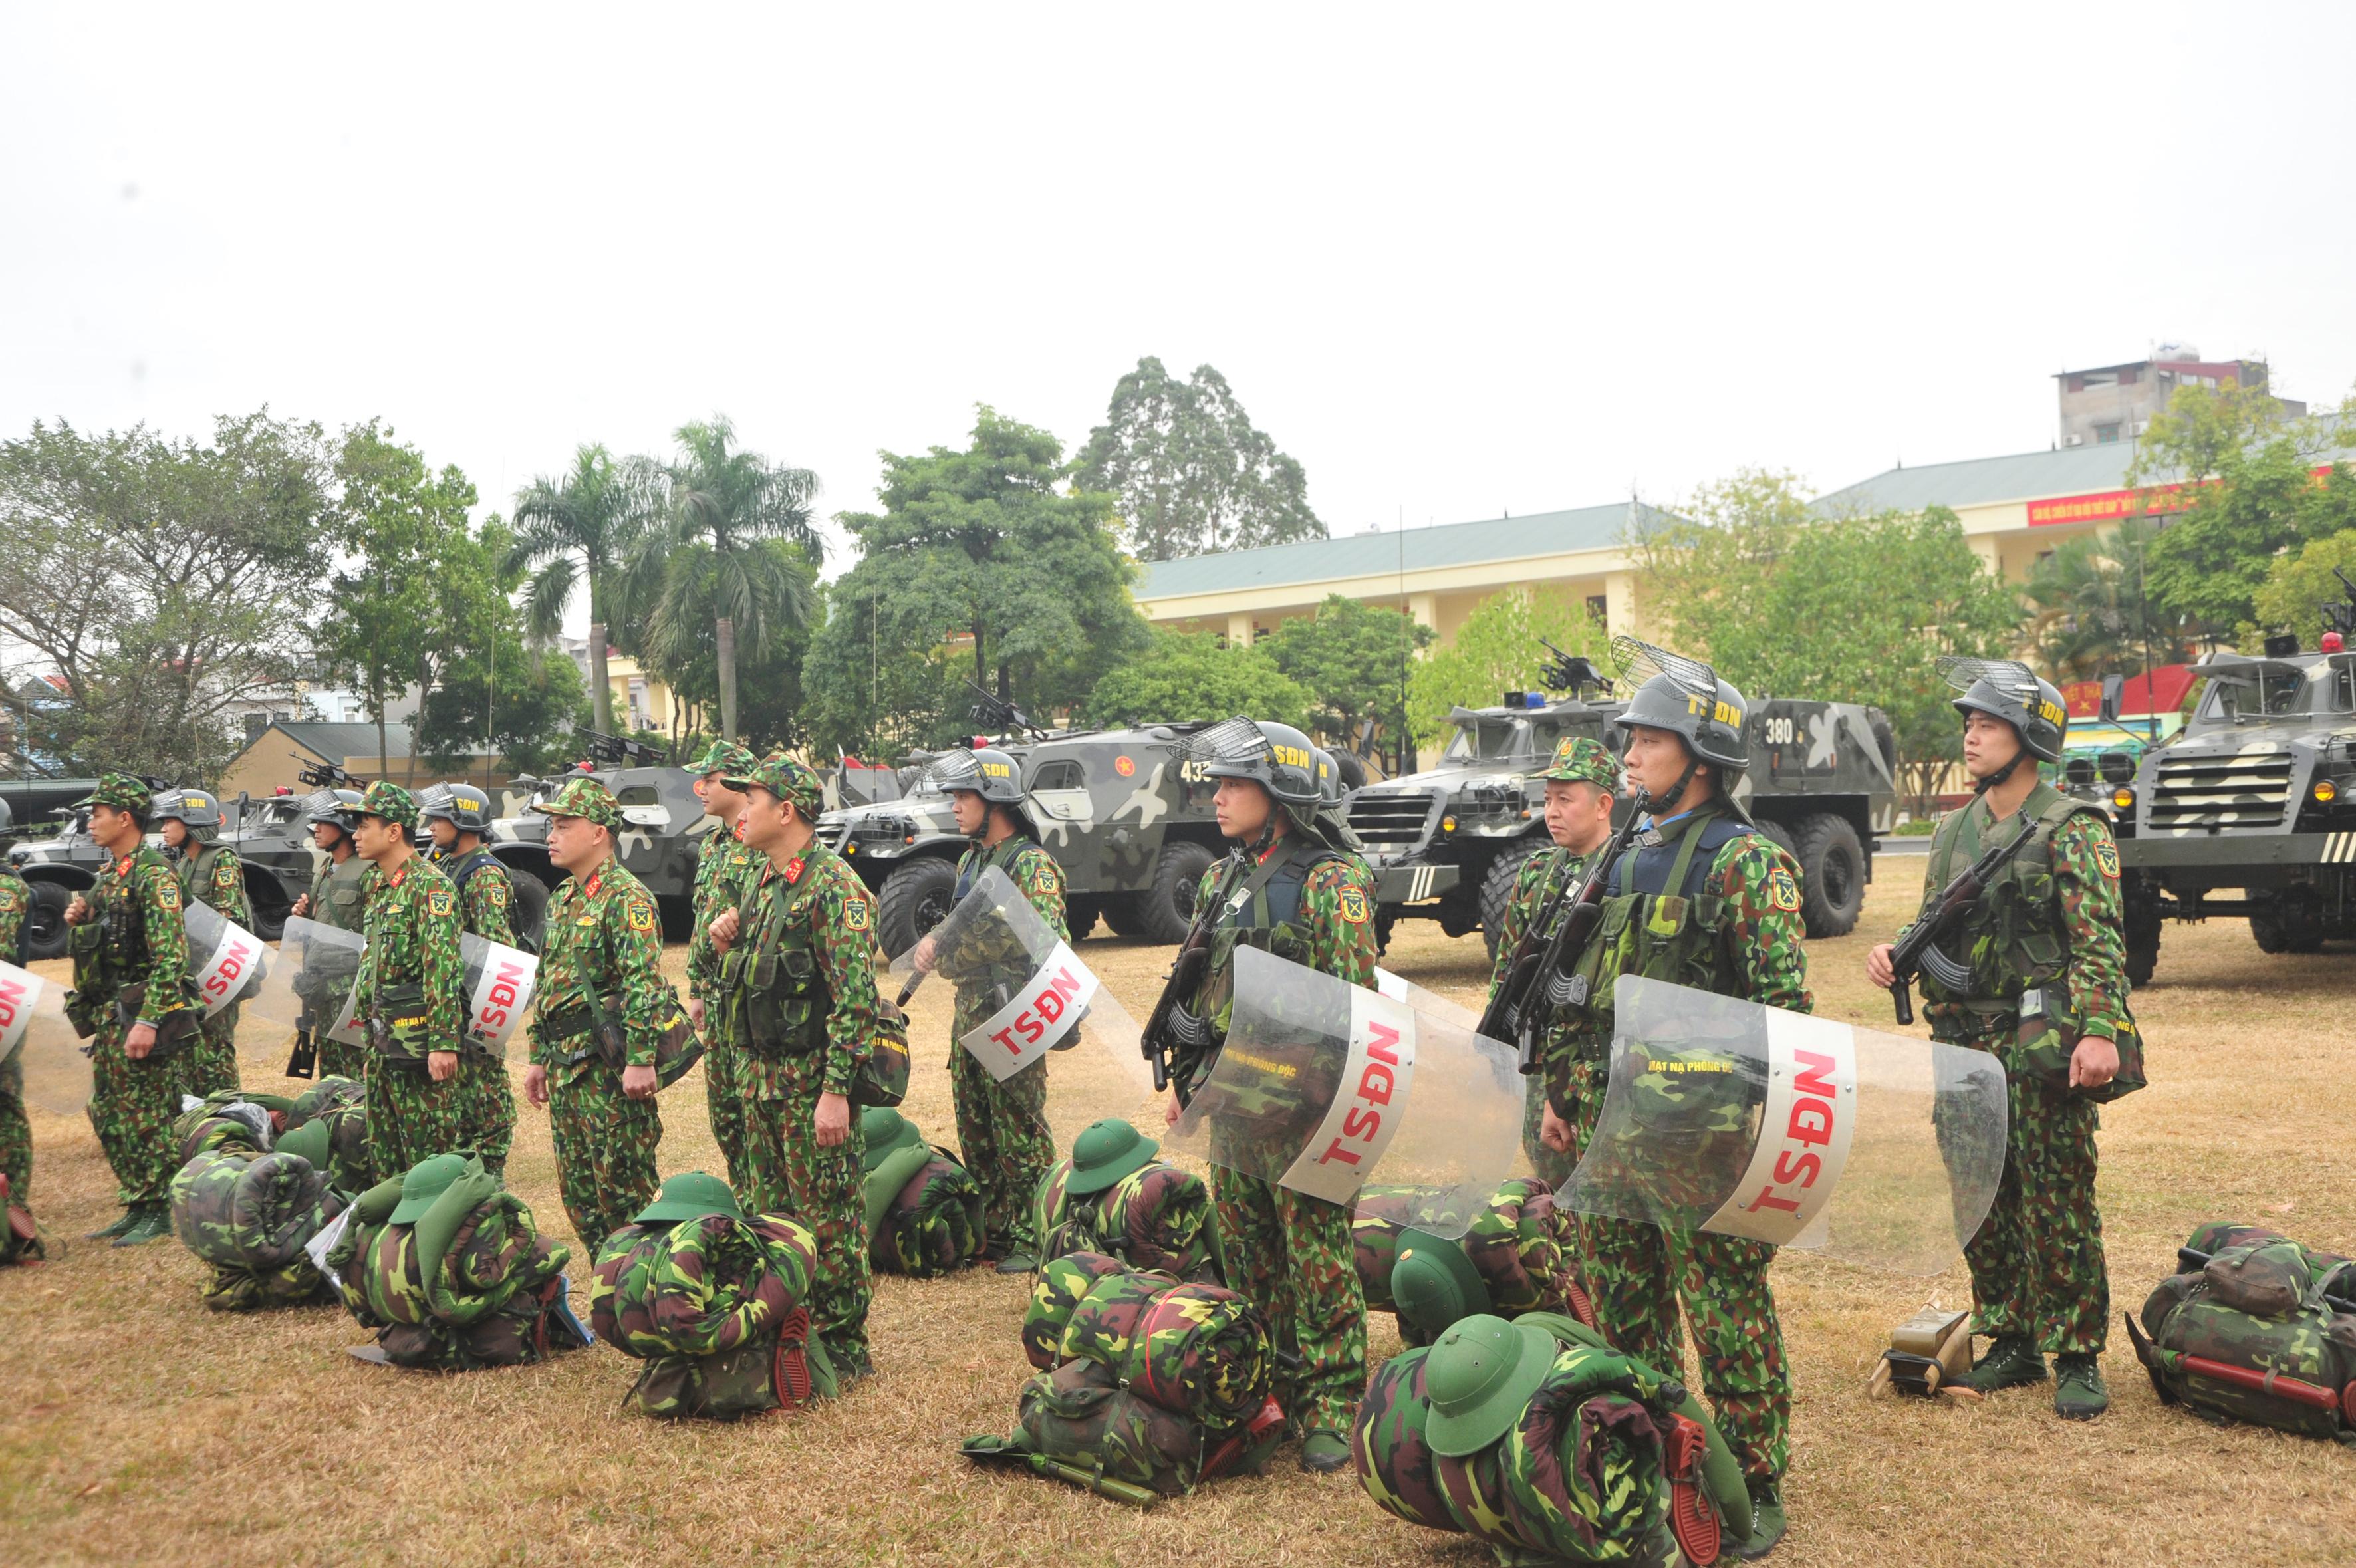 Lực lượng vũ trang tỉnh Bắc Giang, Bộ CHQS tỉnh Bắc Giang